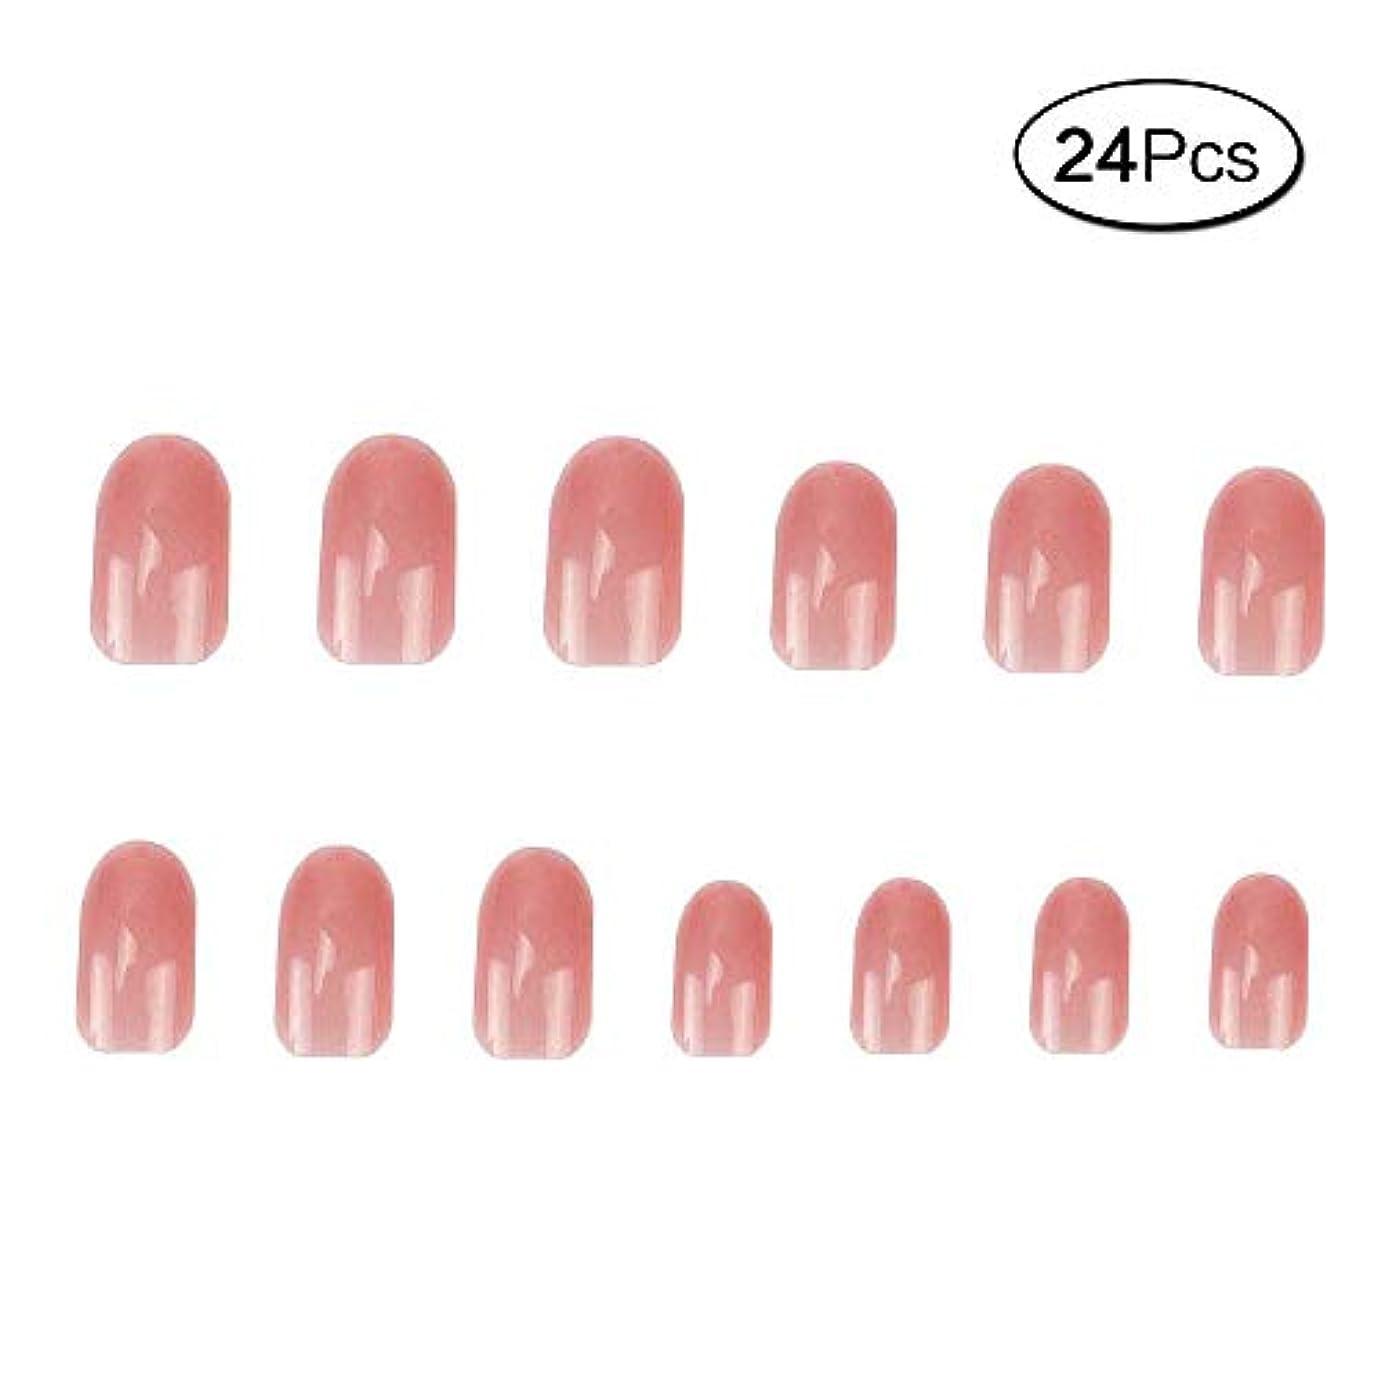 請う受け入れ受付24 個 ネイルチップ 夏の 無地 透明 ゼリー ピンク 可愛い ウェディング ブライダル